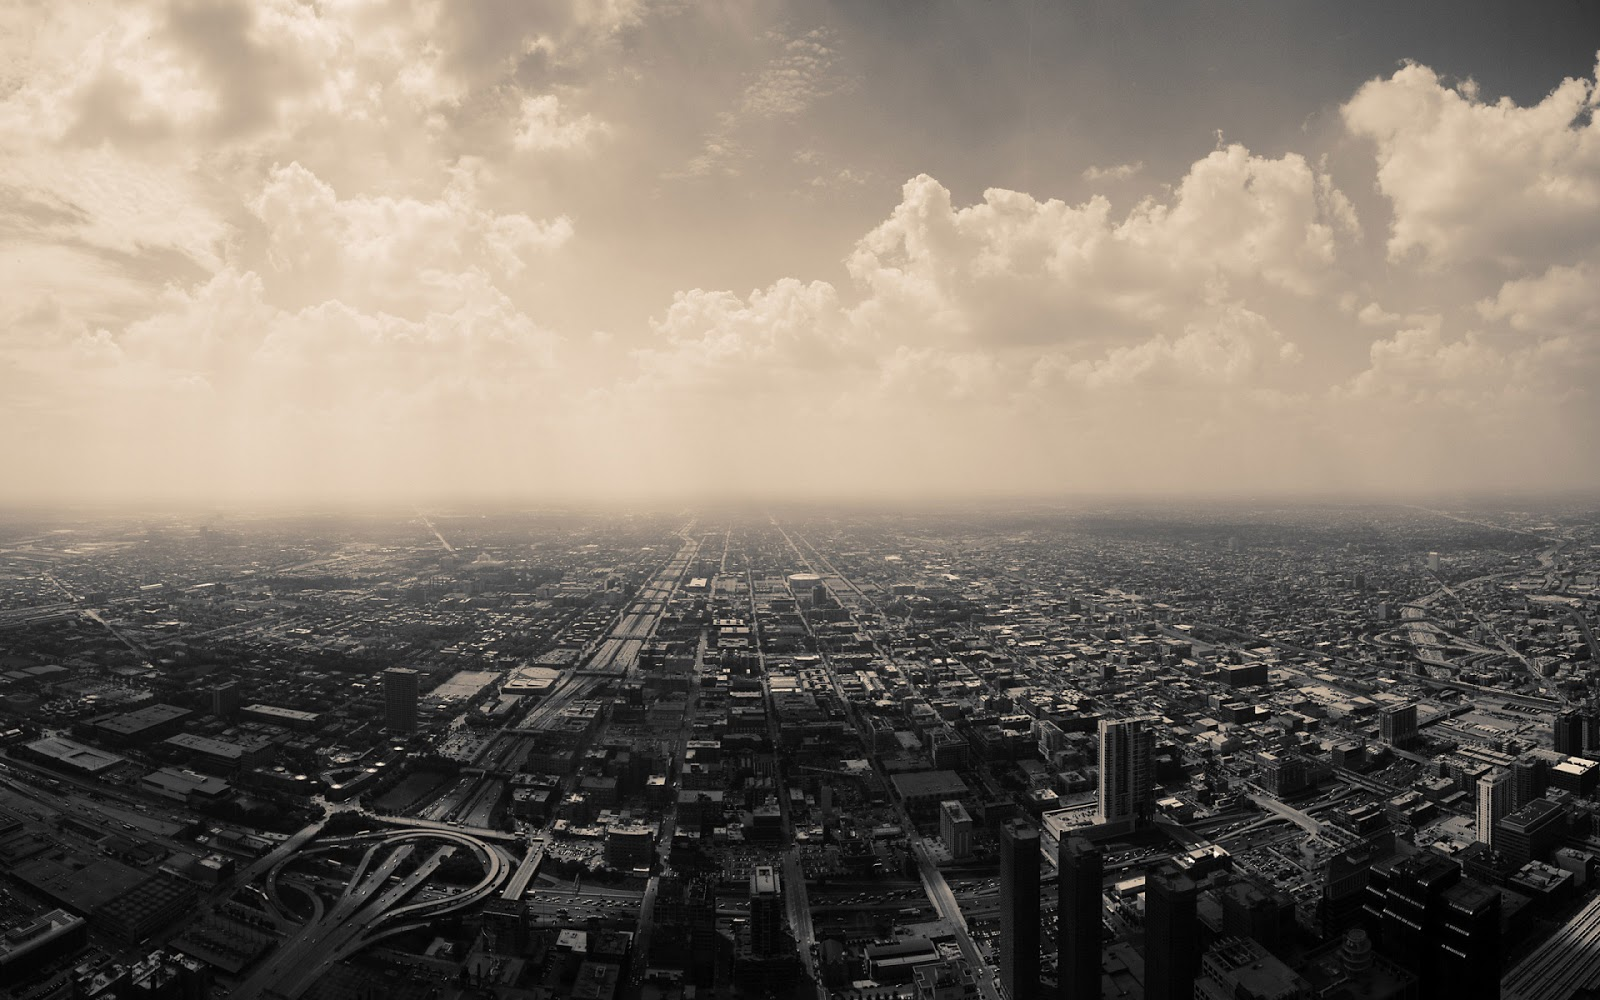 Wallpaper Fotografi Pemandangan Kota